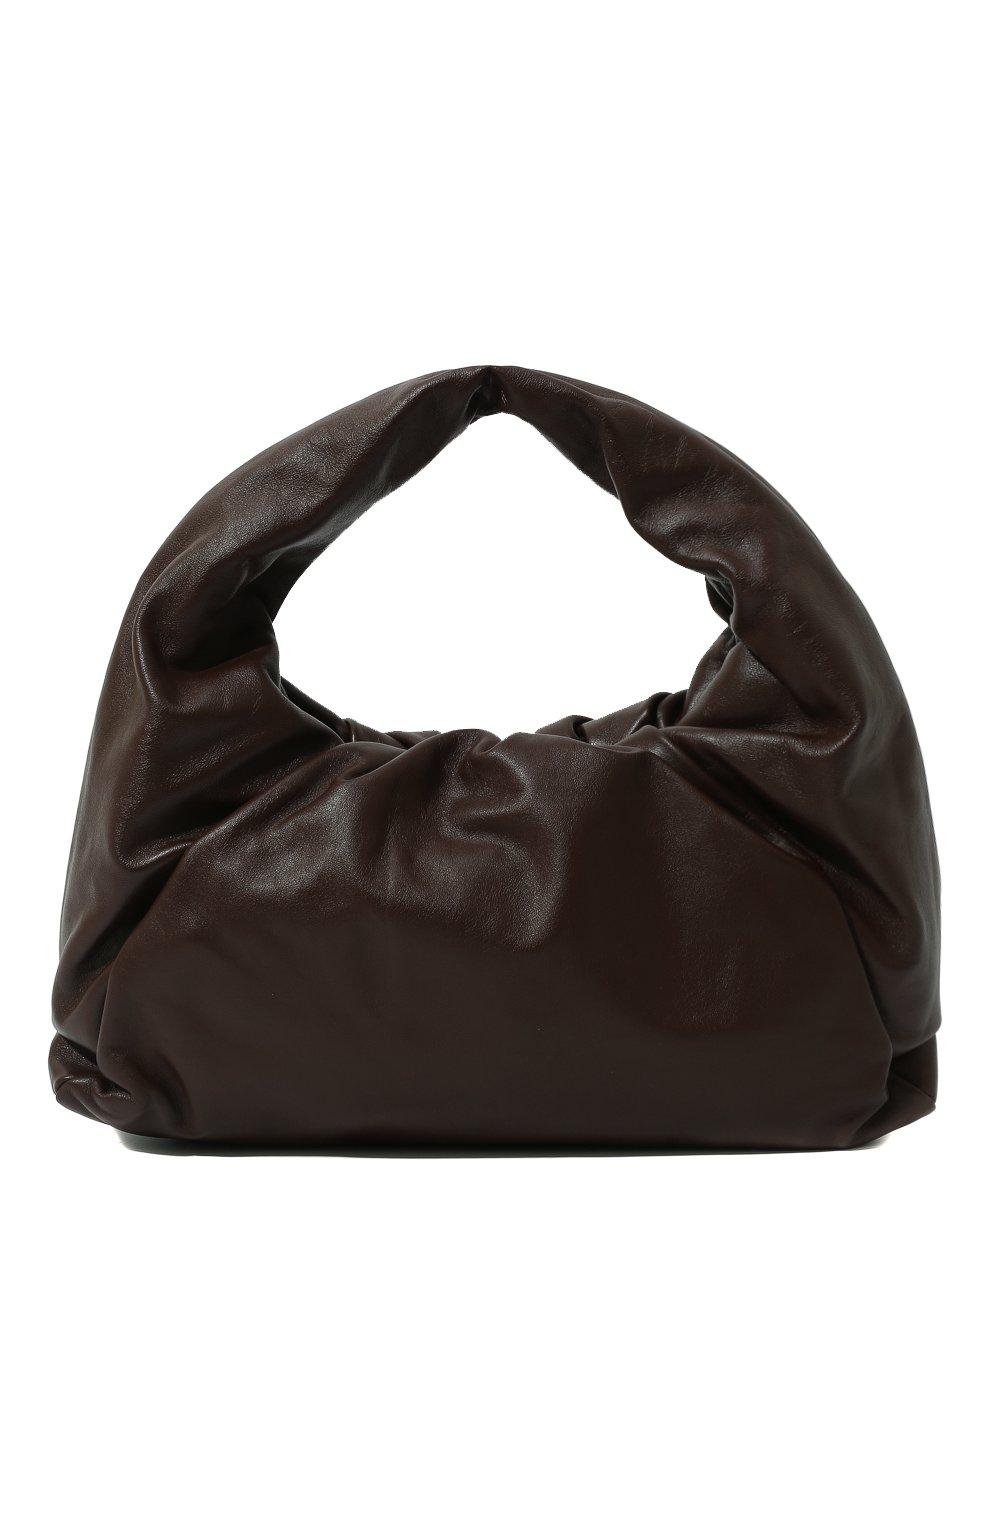 Женская сумка shoulder pouch BOTTEGA VENETA коричневого цвета, арт. 610524/VCP40 | Фото 1